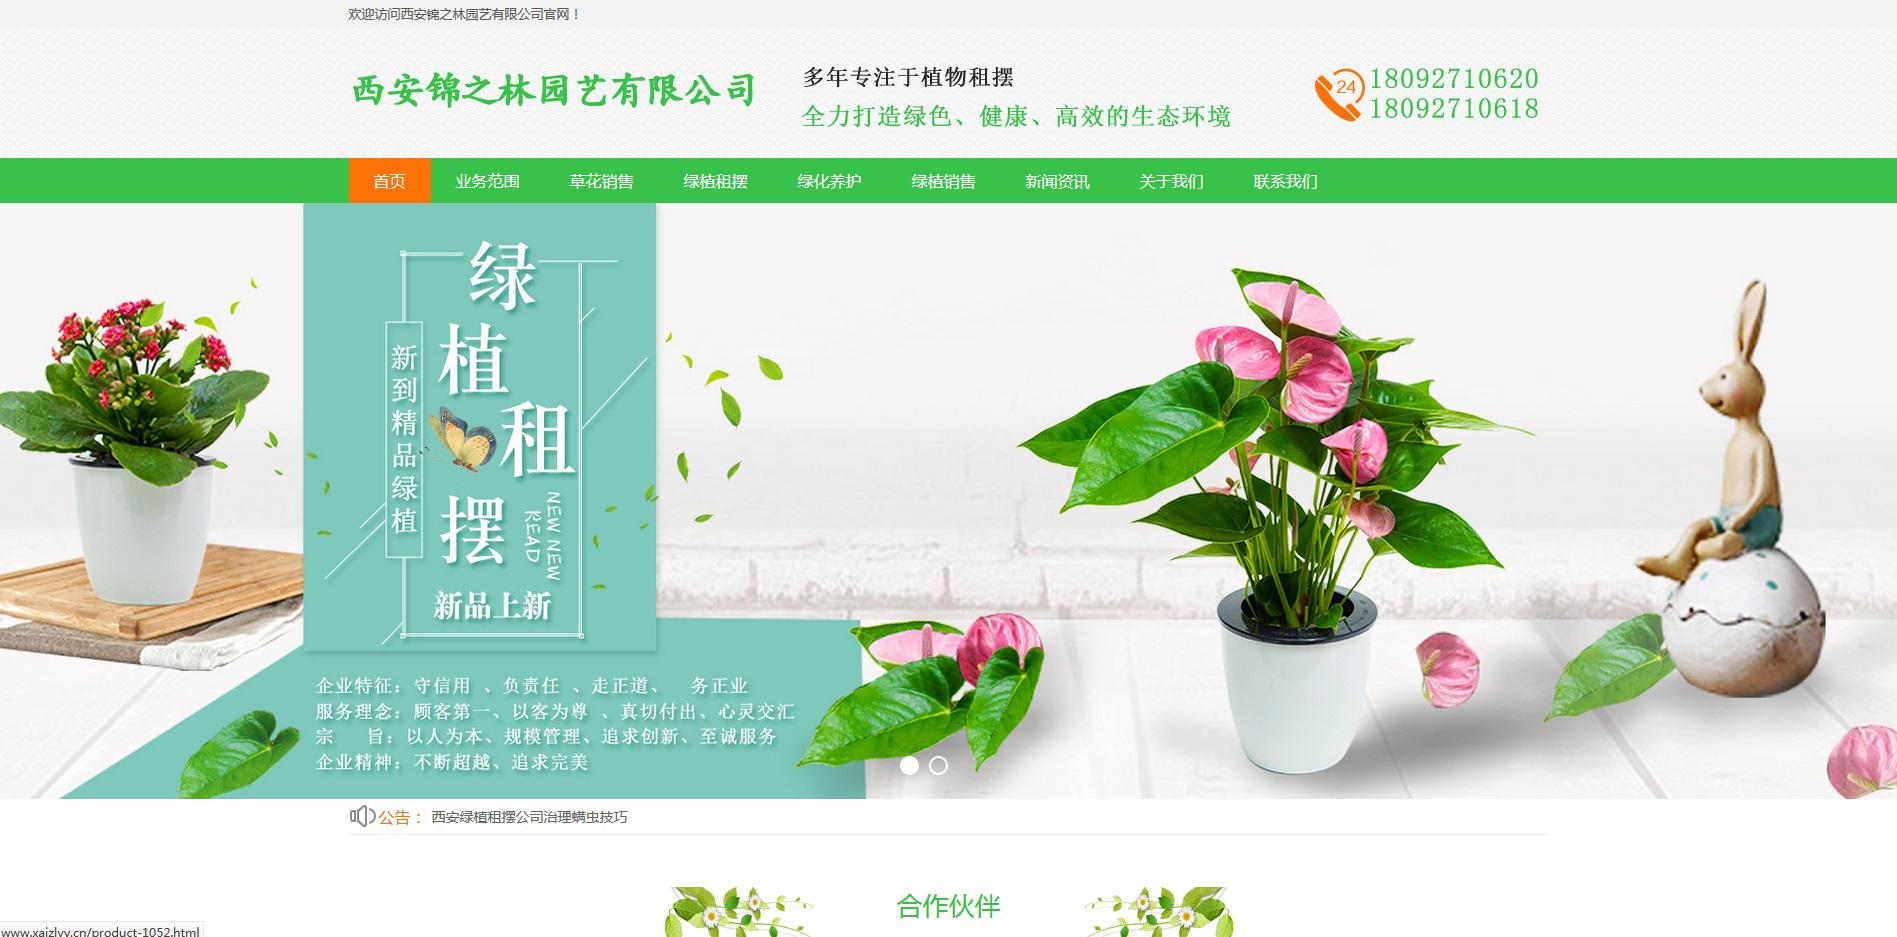 西安锦之林网站上线!